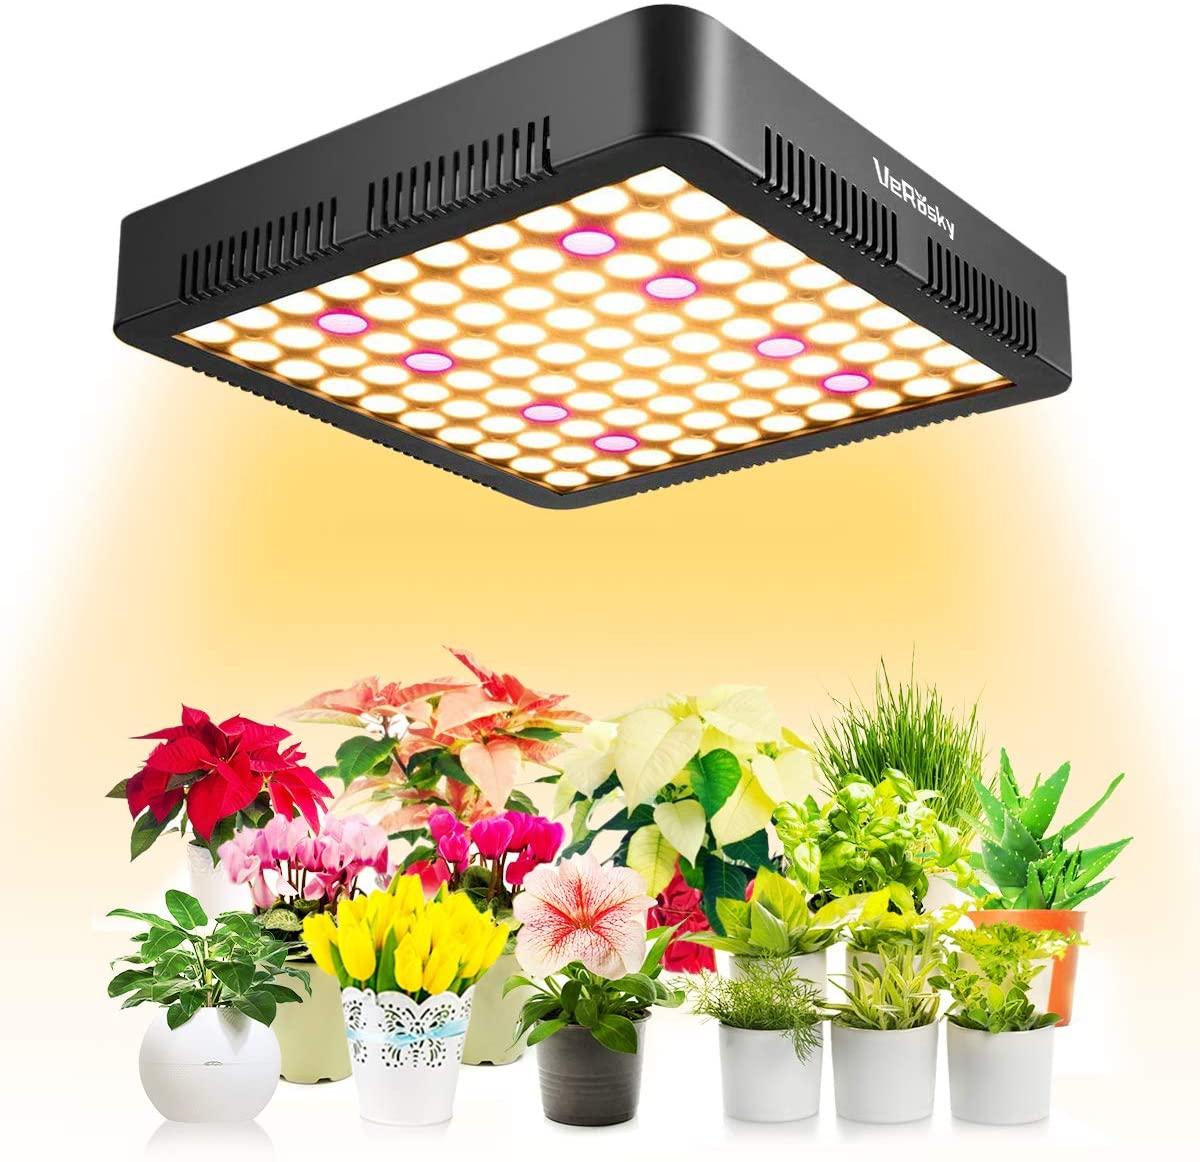 VeRosky Full Spectrum 3500K Sunlike Grow Lights